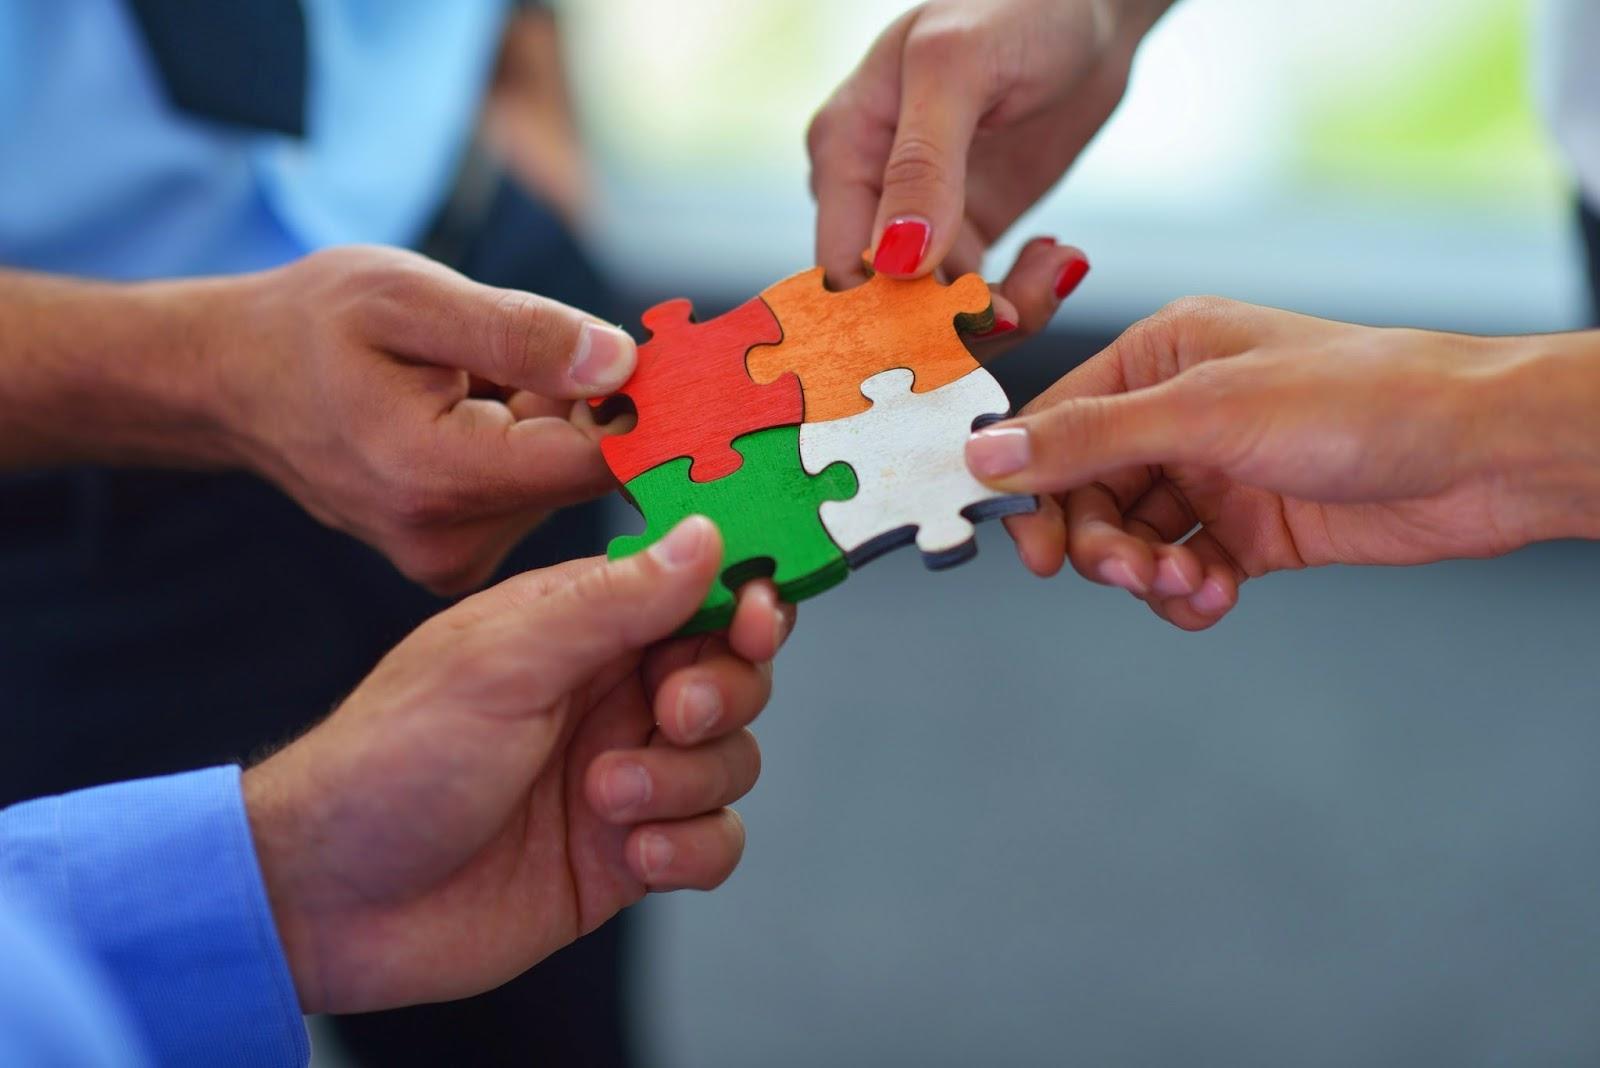 advogado, Business, empreendedor, Empresa, empresário, Jurídico, Startup,